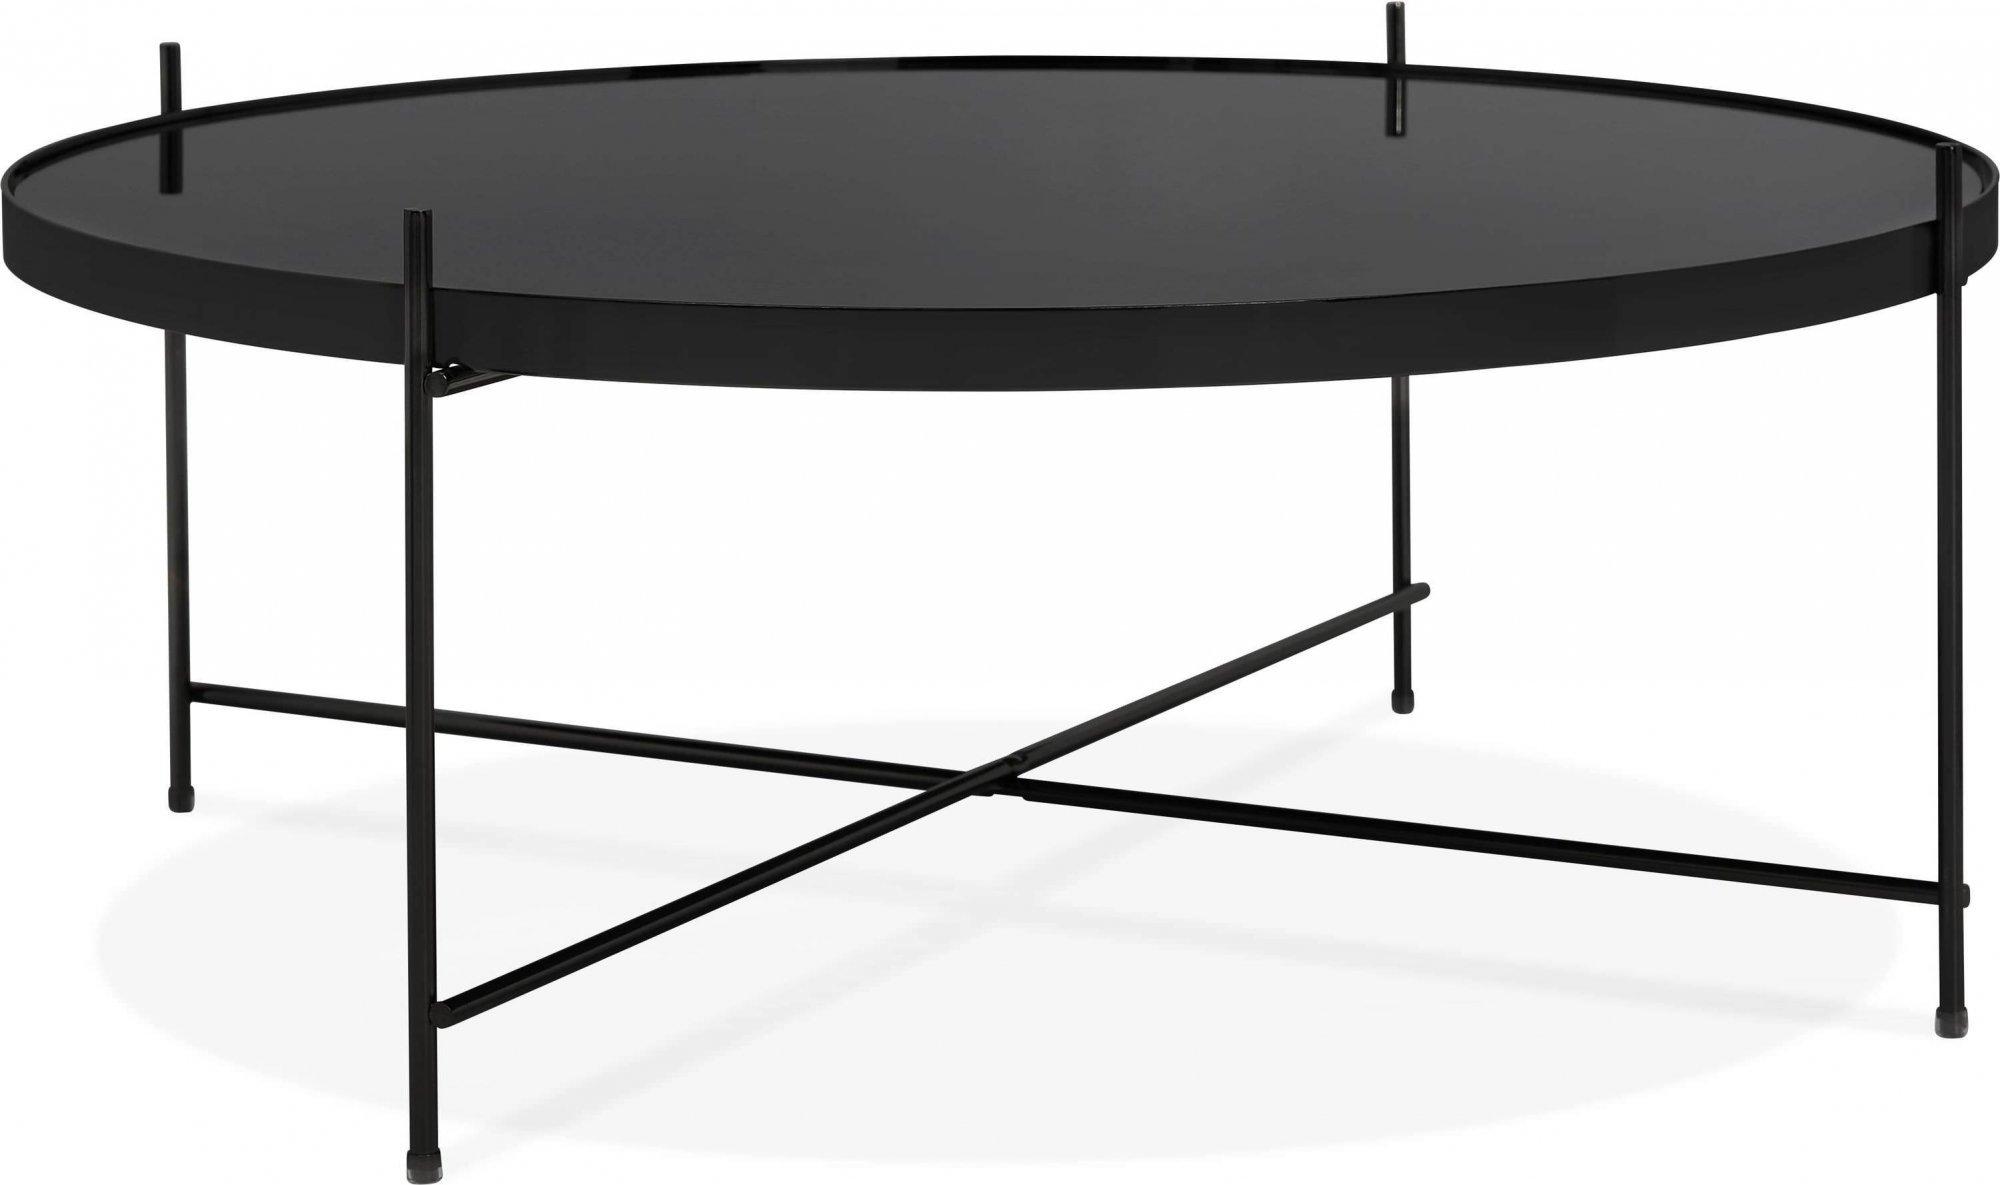 Table basse design métal et verre miroir noir d83cm